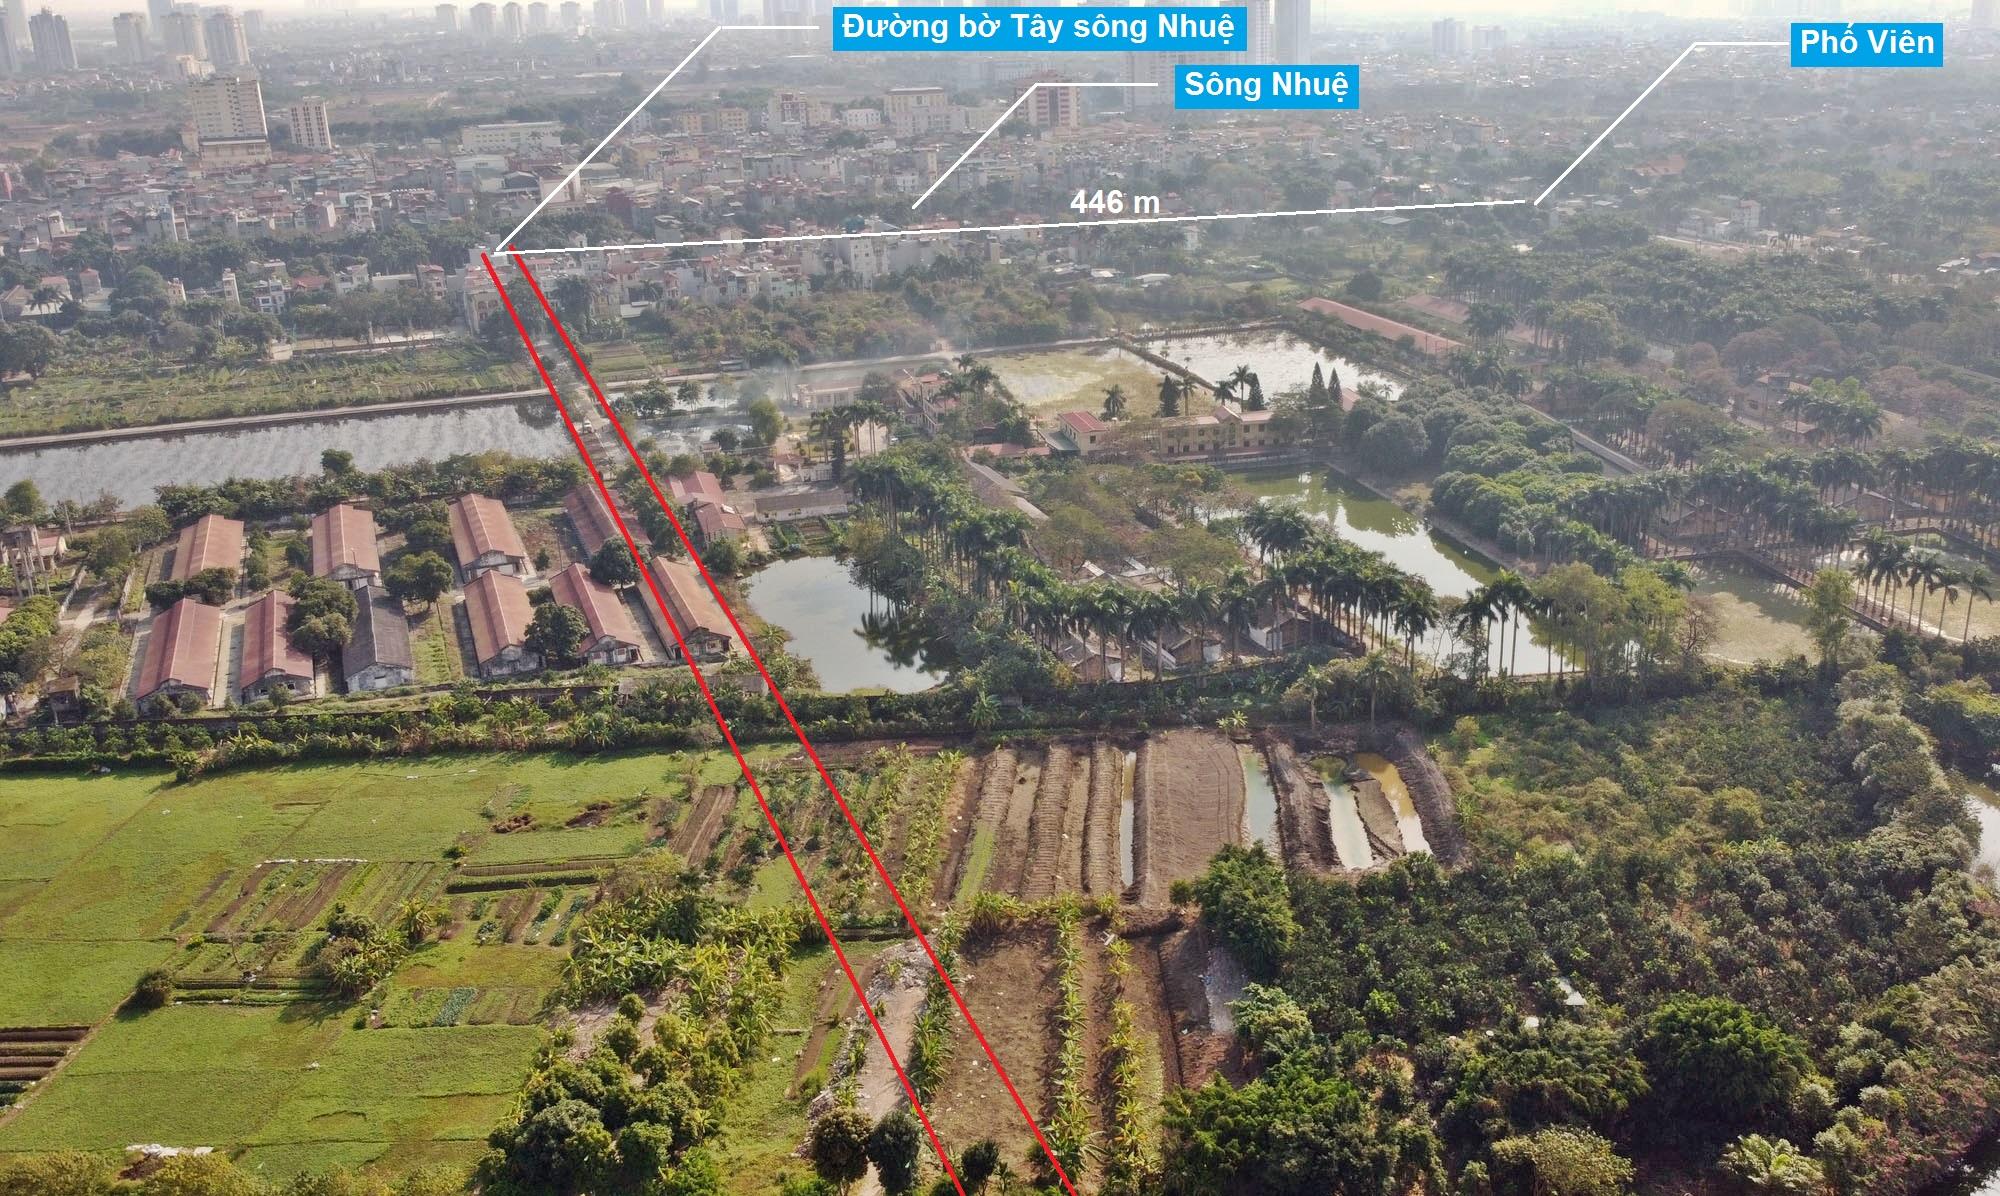 Ba đường sẽ mở theo qui hoạch ở phường Thụy Phương, Bắc Từ Liêm, Hà Nội (phần 2) - Ảnh 8.